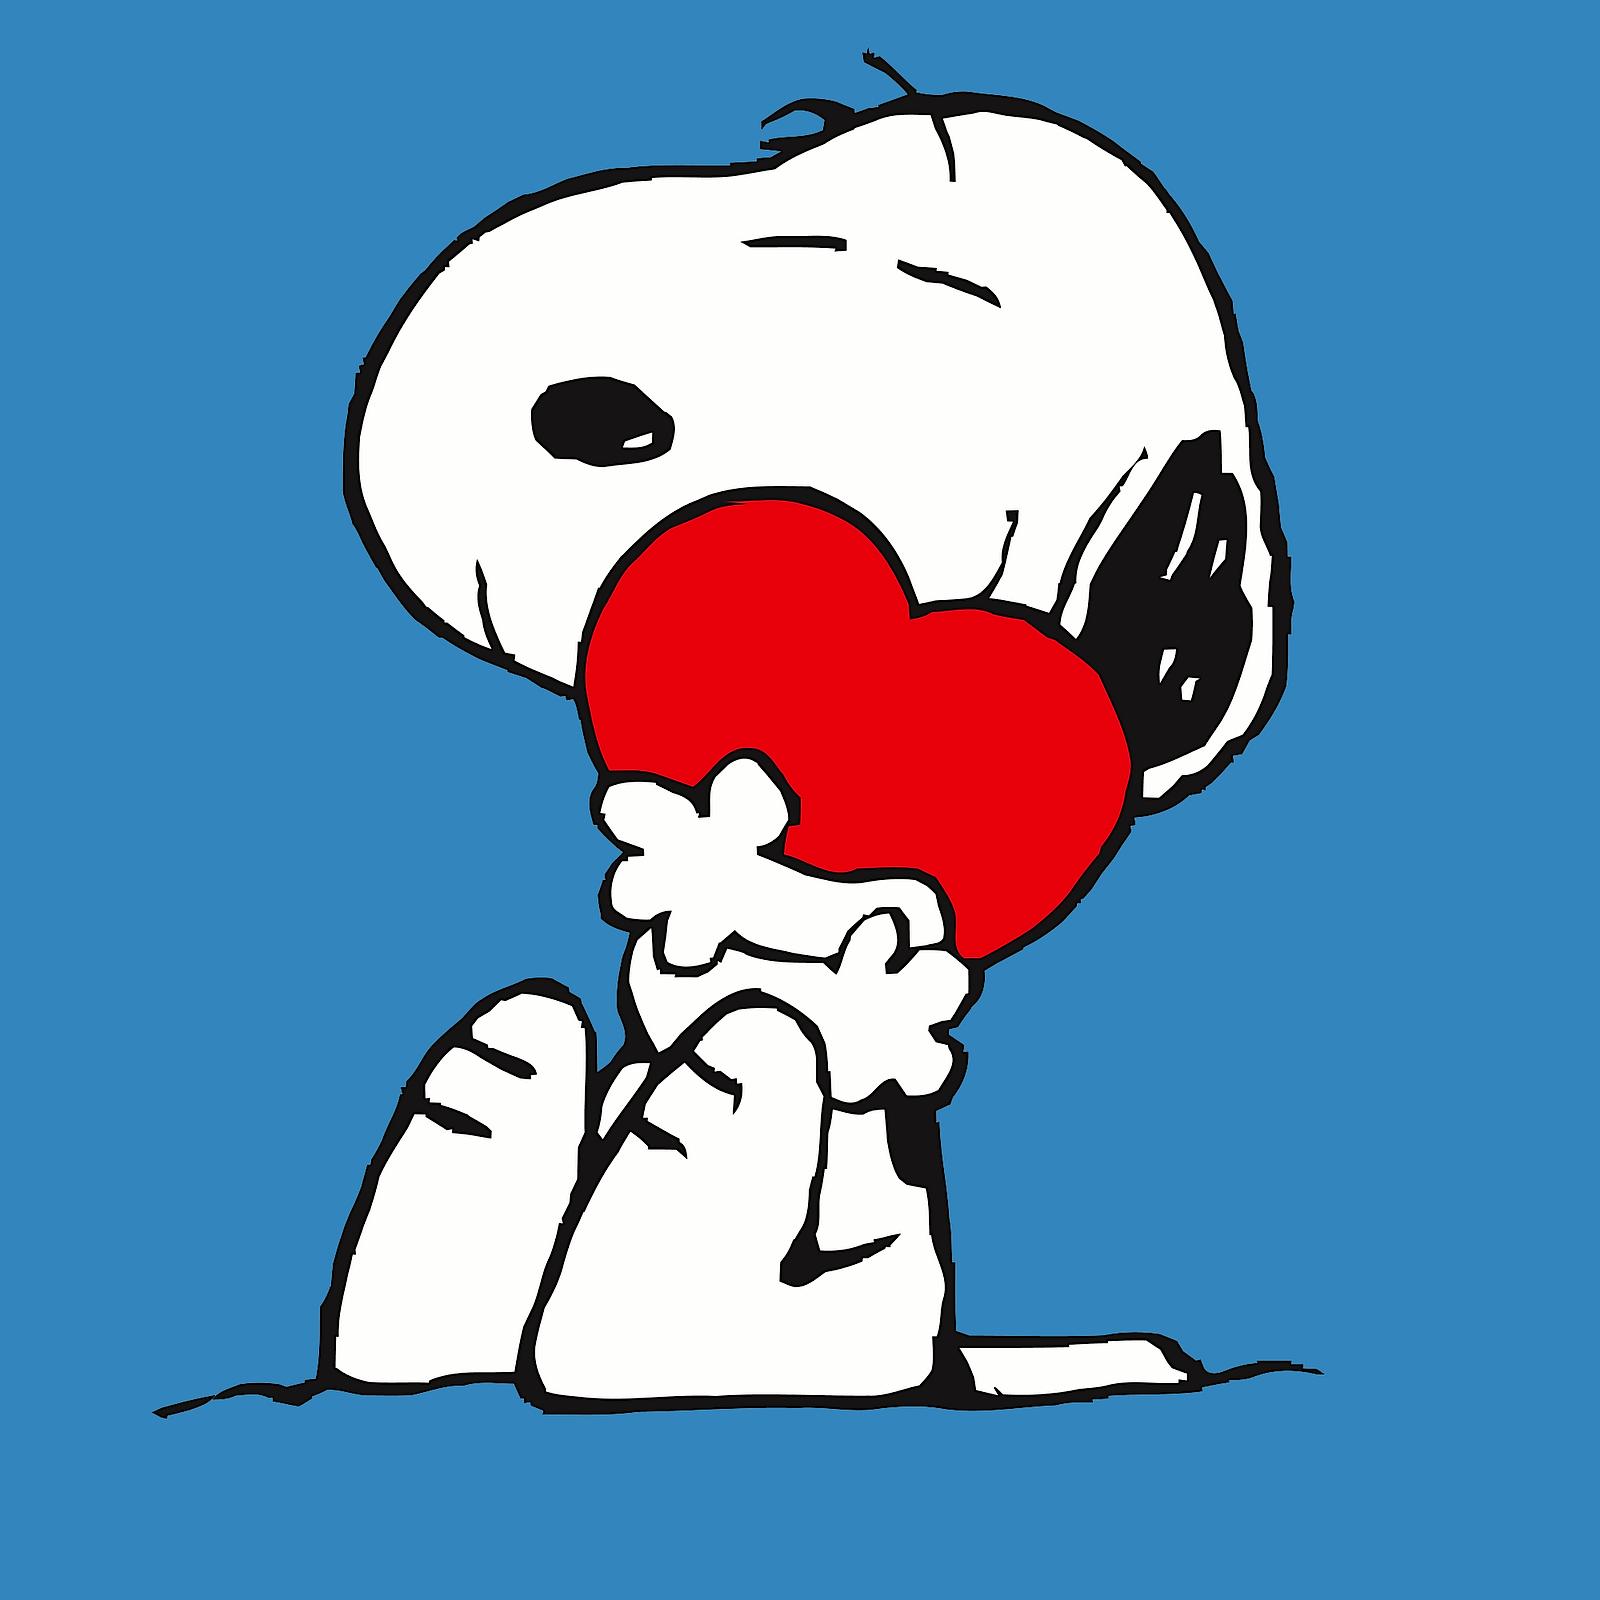 Snoopy peanuts fumetto charlie brown con curiosità e bei